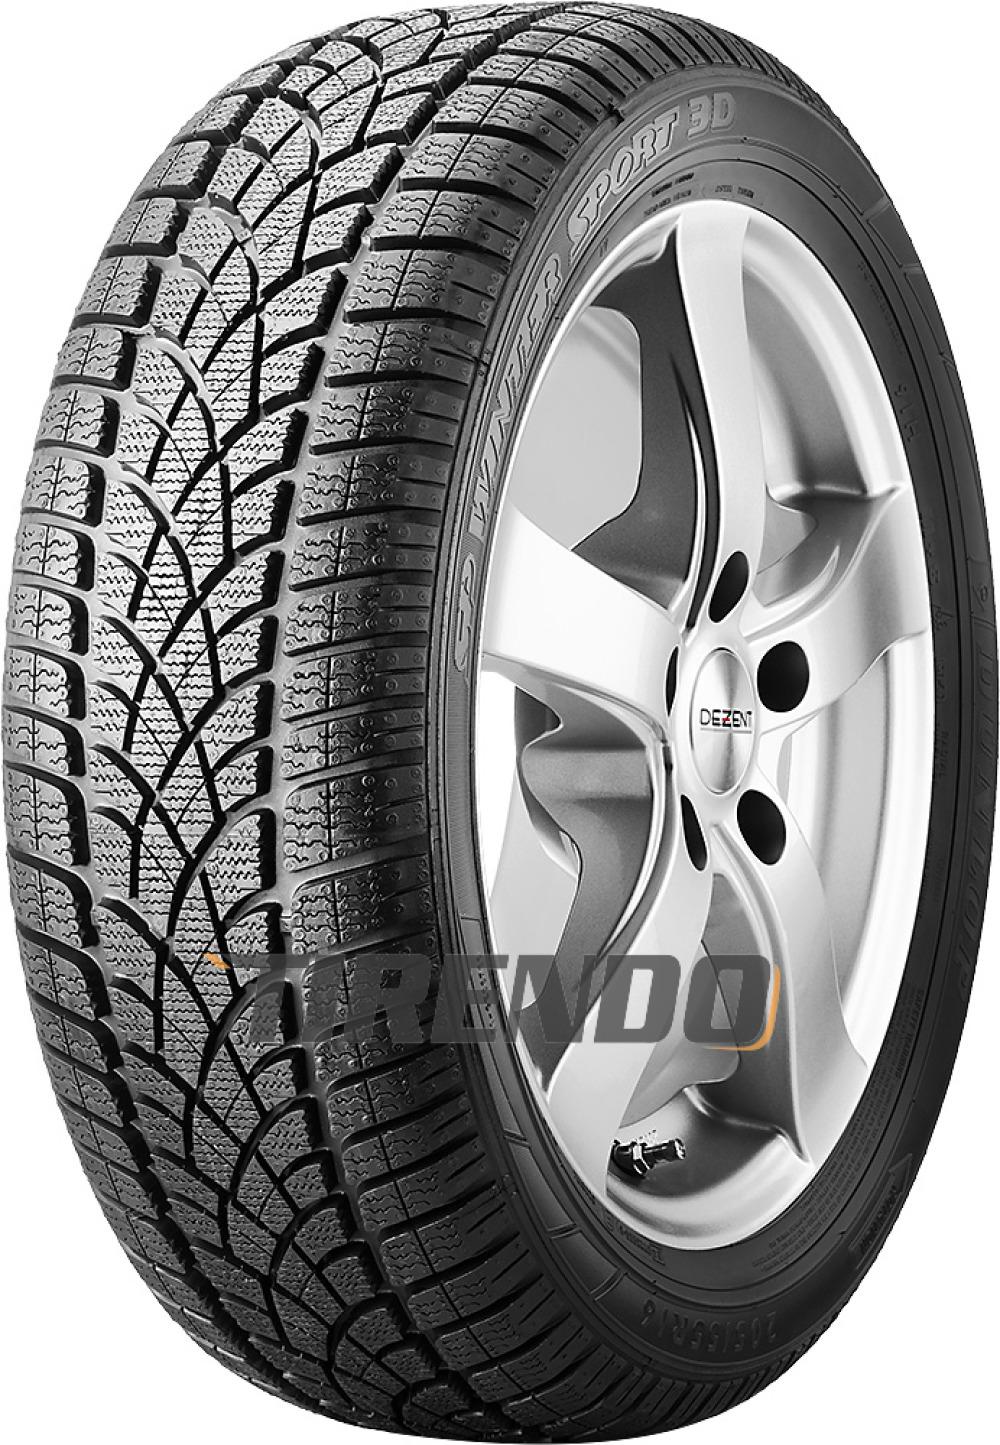 Dunlop SP Winter Sport 3D ( 205/60 R16 92H AO )